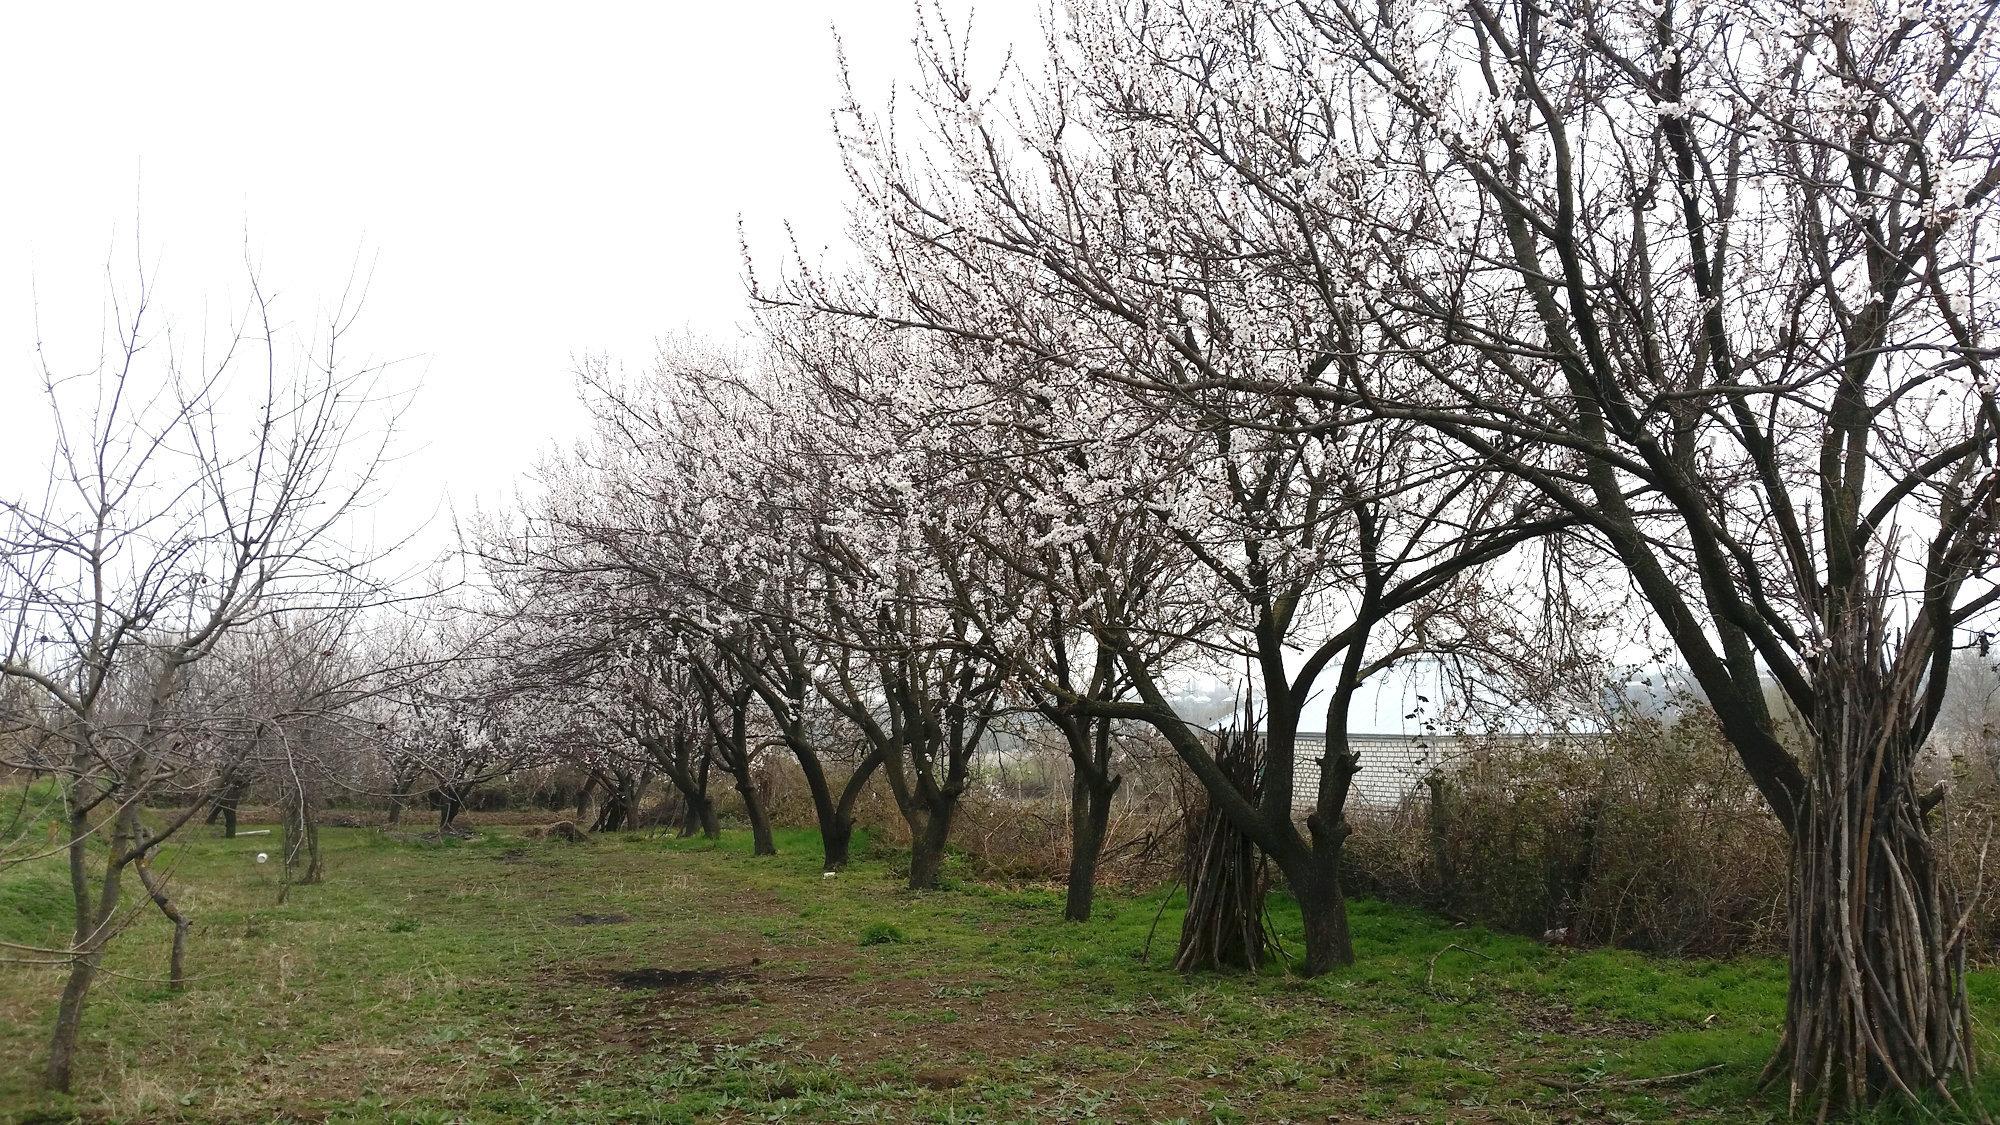 Təsərrüfatında çoxlu meyvə ağaclarının olmasına baxmayaraq, bağ sahibləri normal məhsul götürə bilmirlər